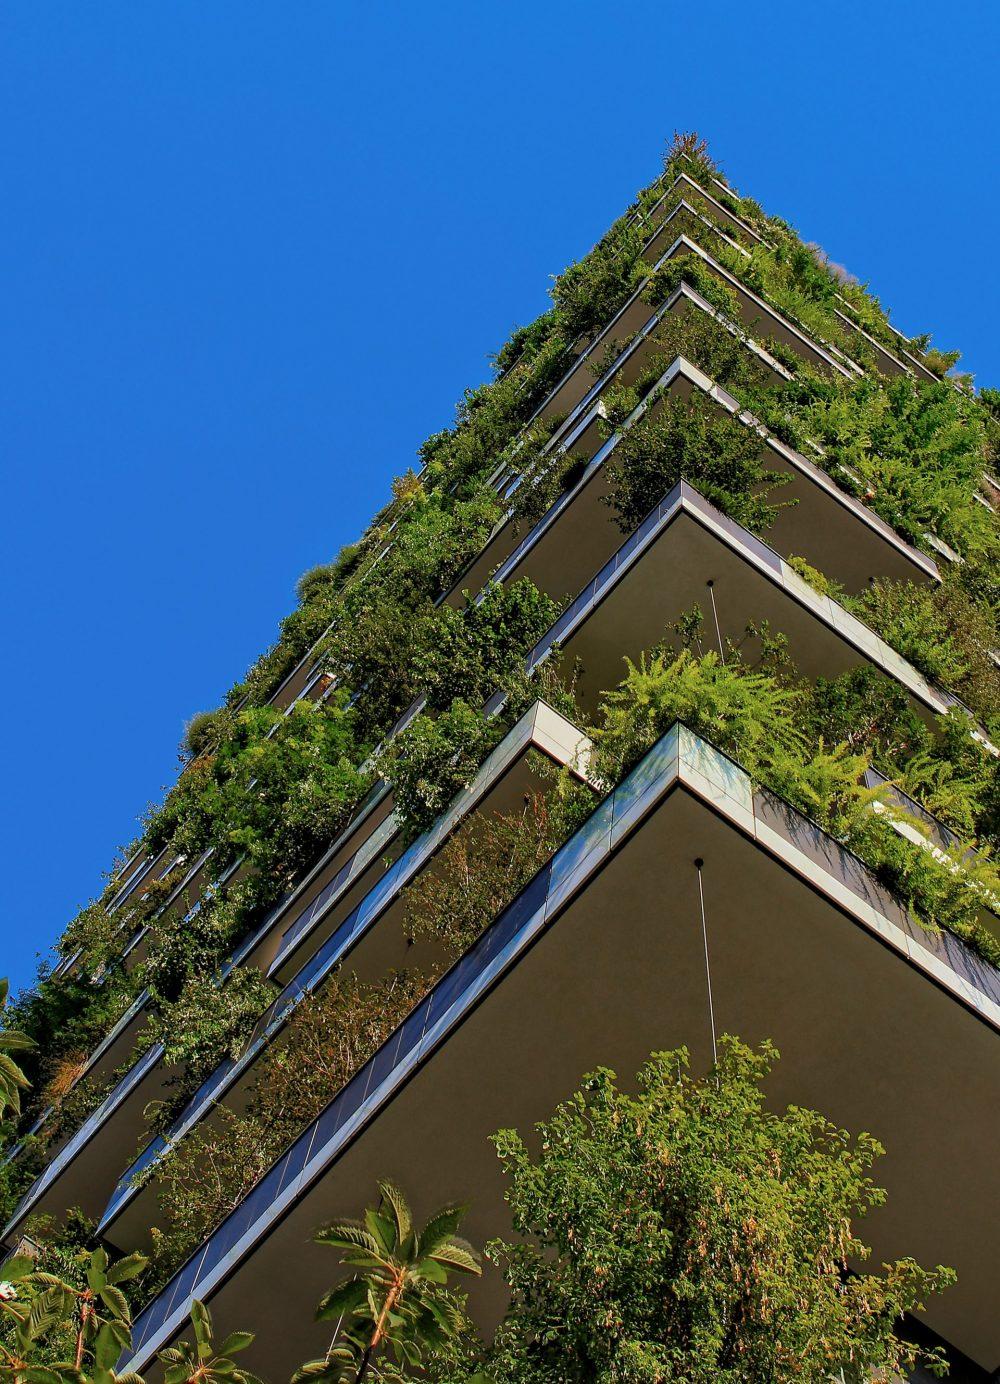 בנייה ירוקה – קווים לדמותה